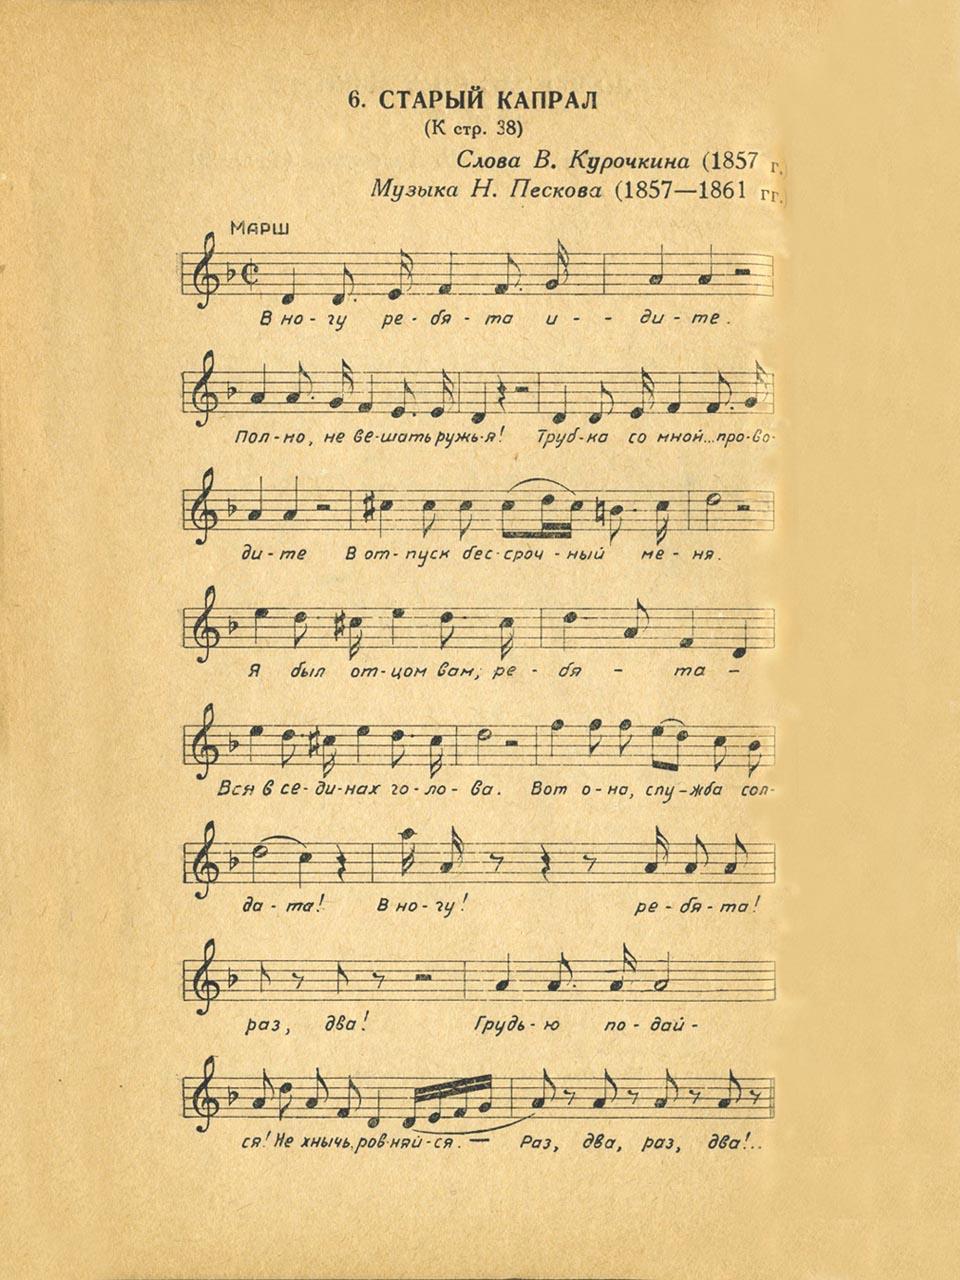 Песня «Старый капрал». Ноты для голоса